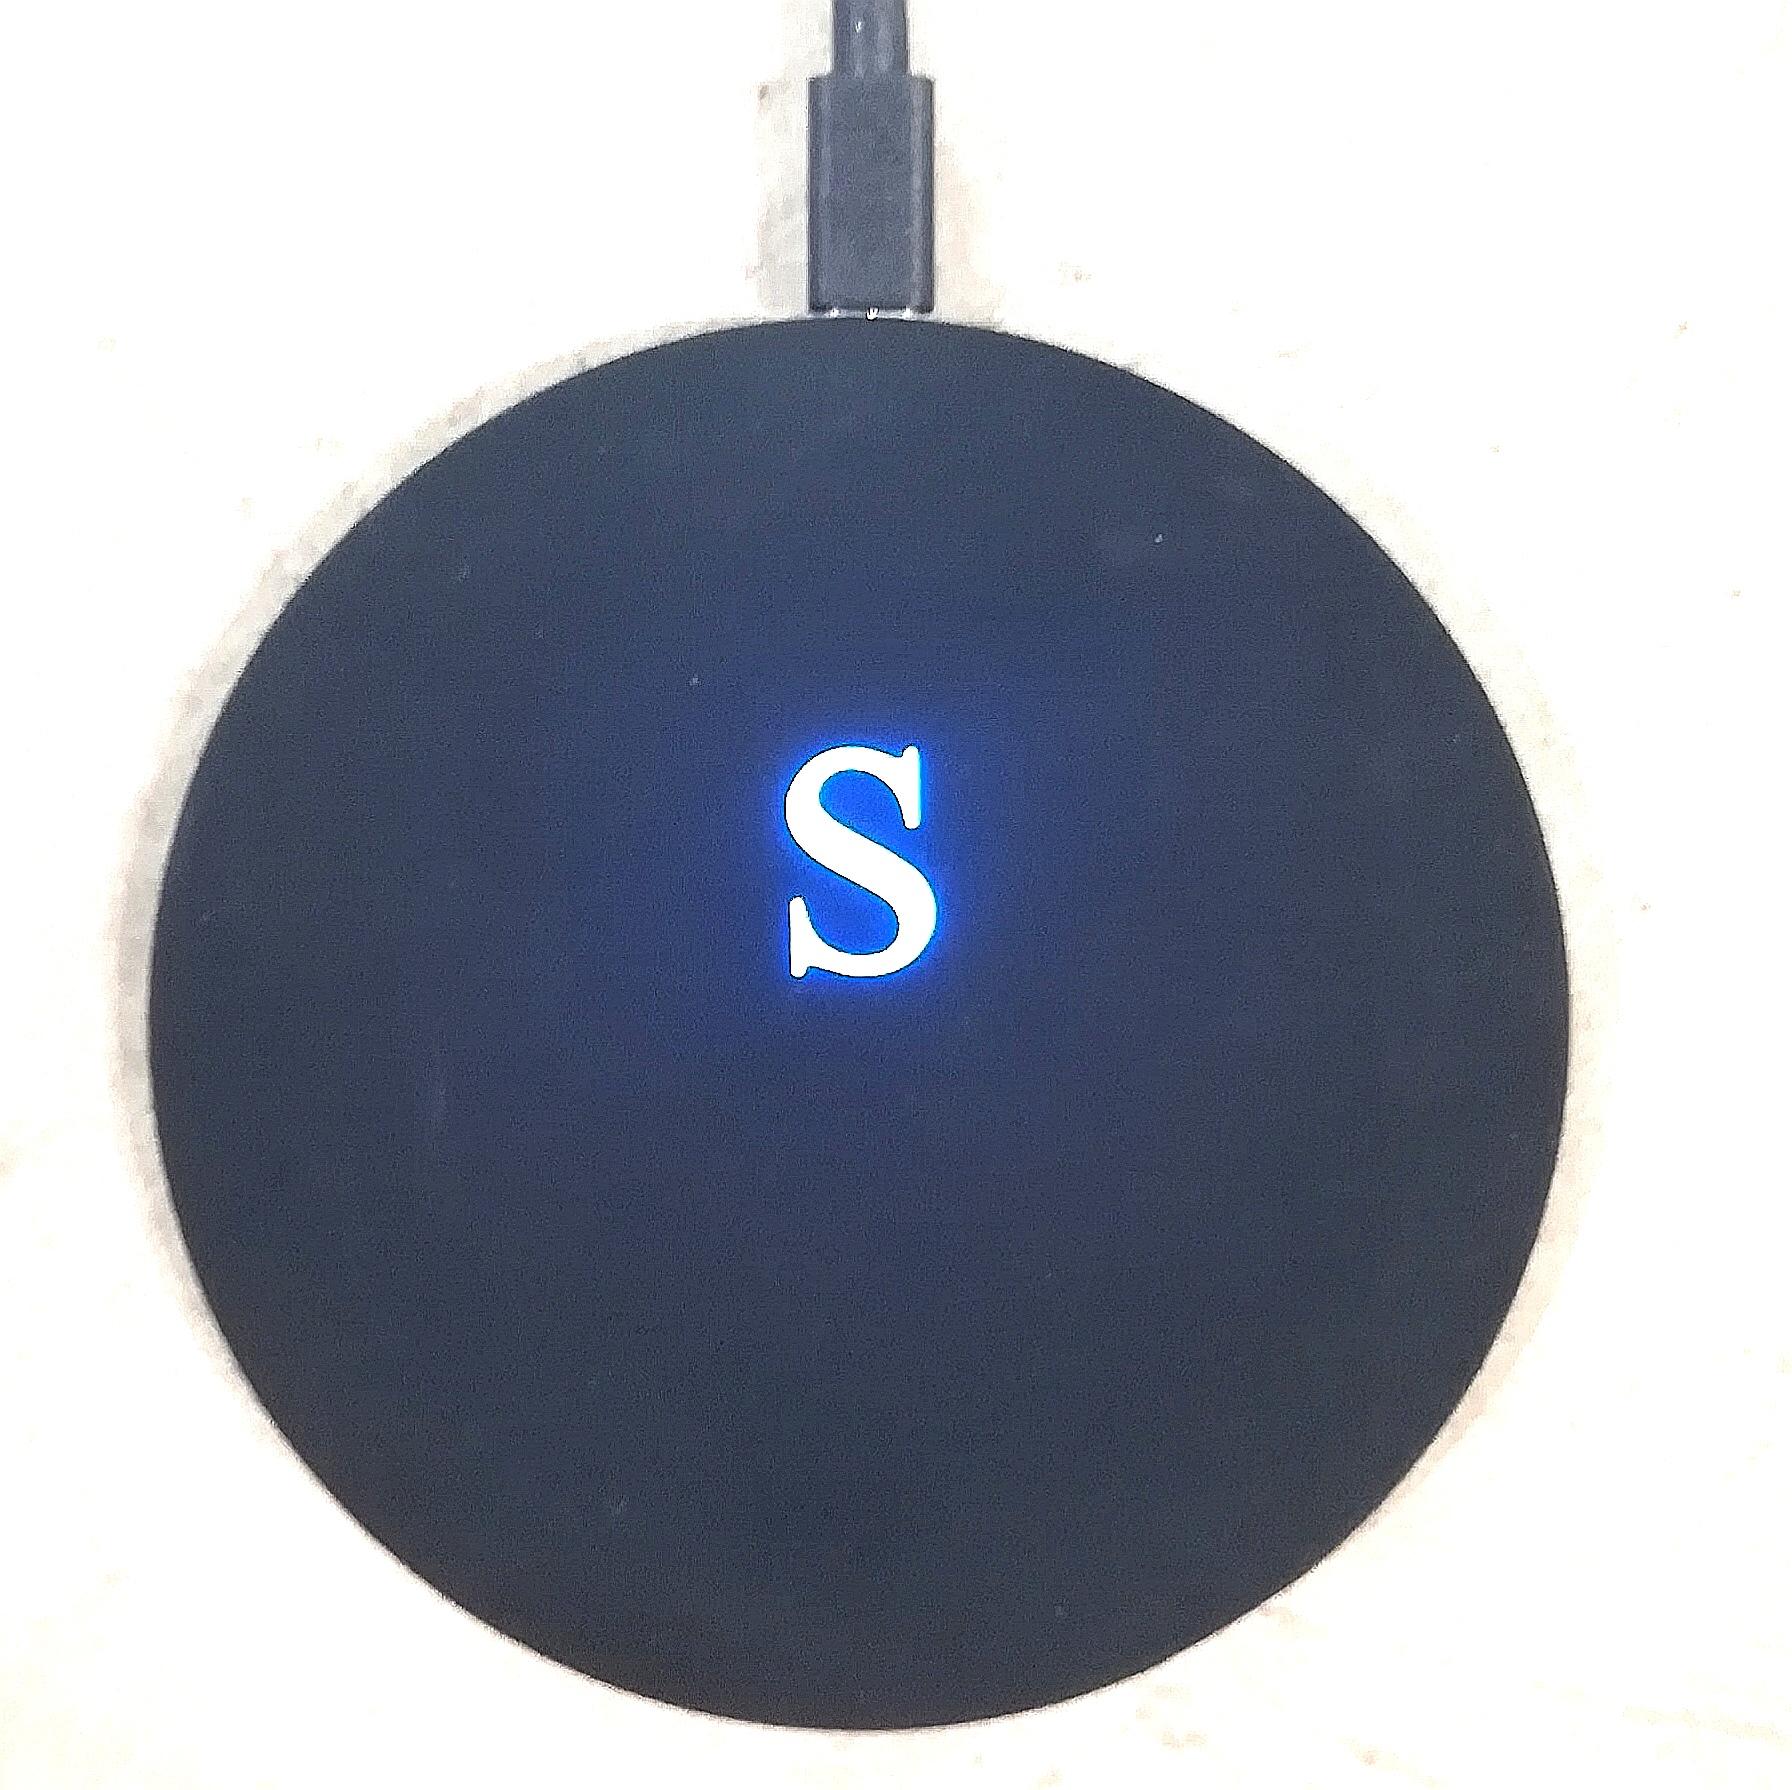 WiCi caricabatterie wireless personalizzato